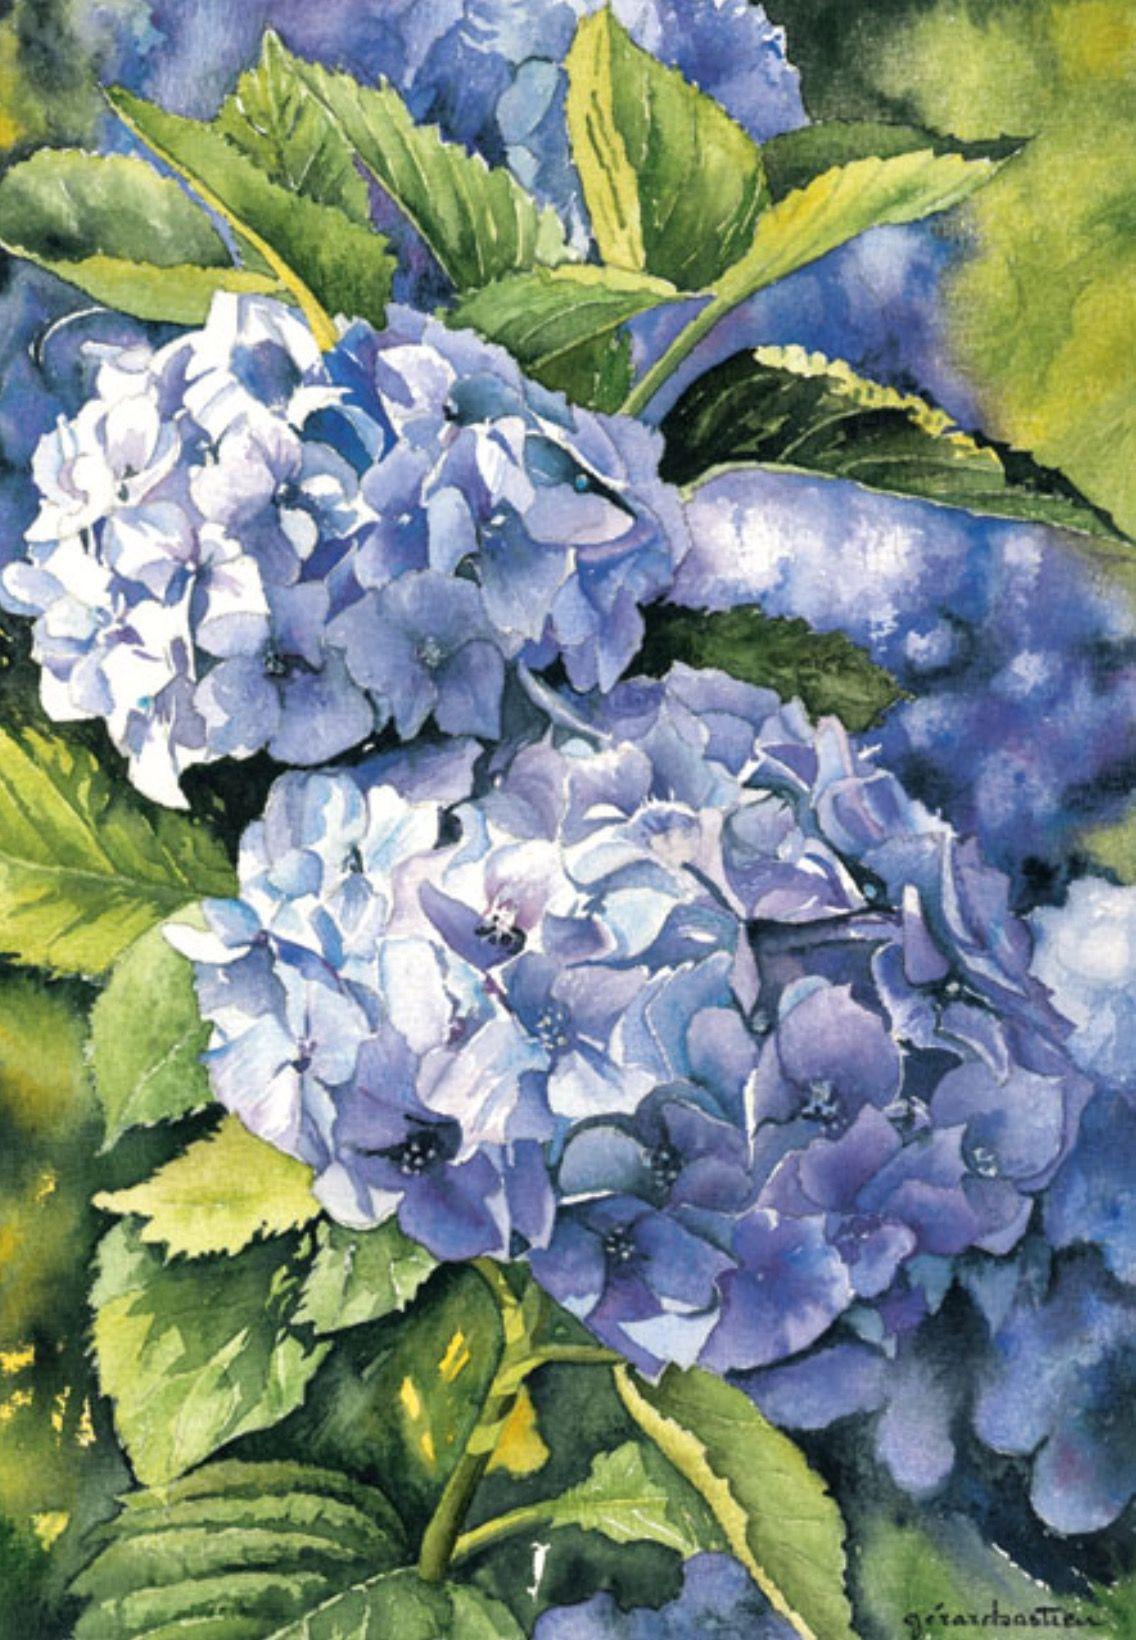 Hꭷʀɬyeŋꭶįaꭶ Gerard Bastien Aquarelle Fleurs Peinture Fleurs